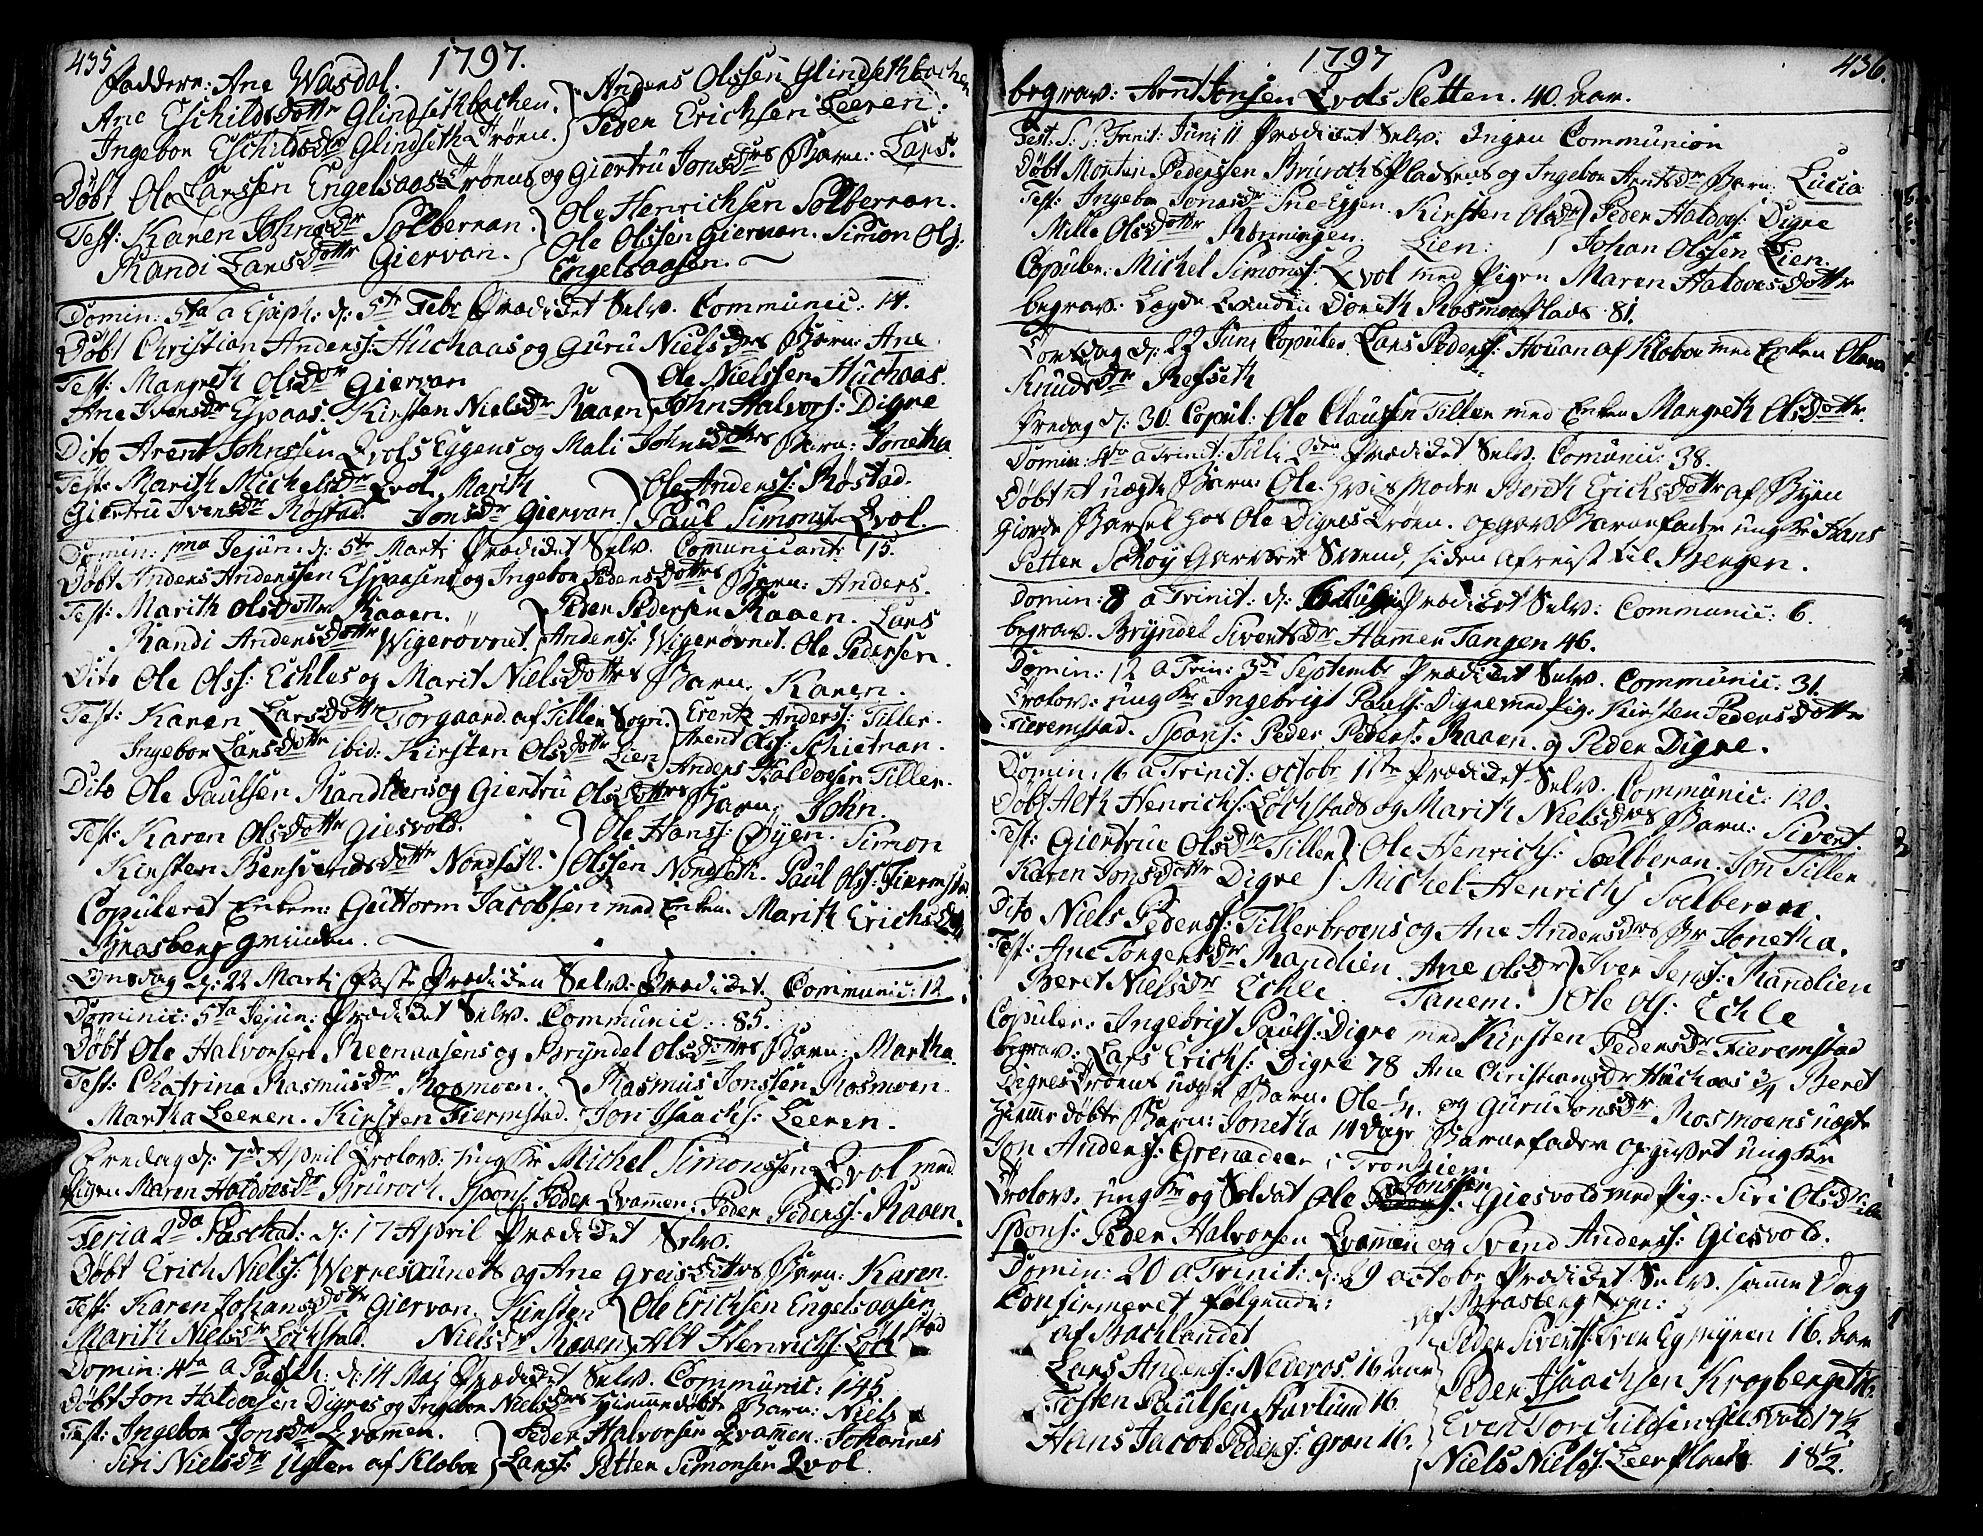 SAT, Ministerialprotokoller, klokkerbøker og fødselsregistre - Sør-Trøndelag, 606/L0282: Ministerialbok nr. 606A02 /3, 1781-1817, s. 435-436